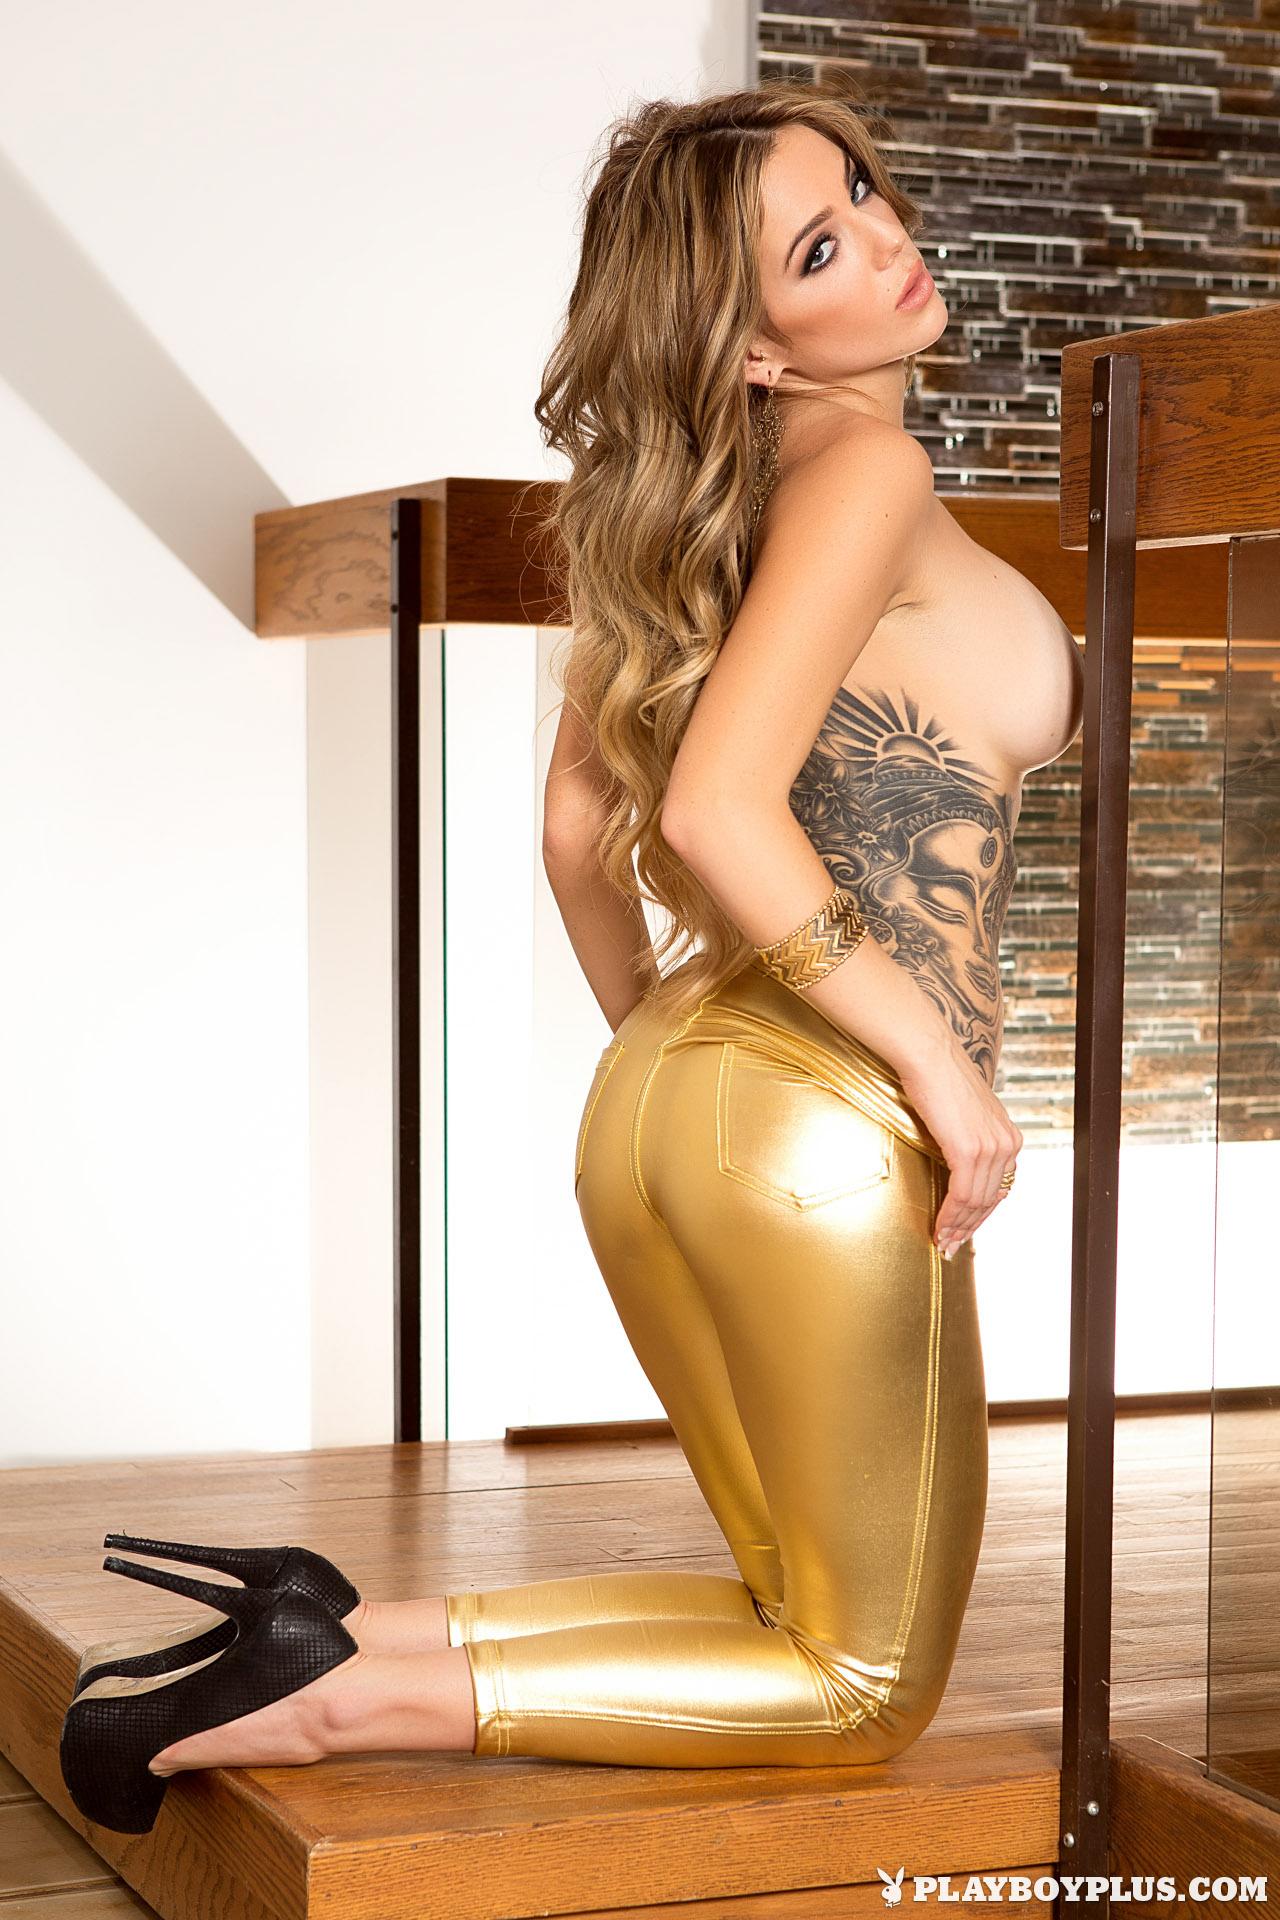 sophia gold porn